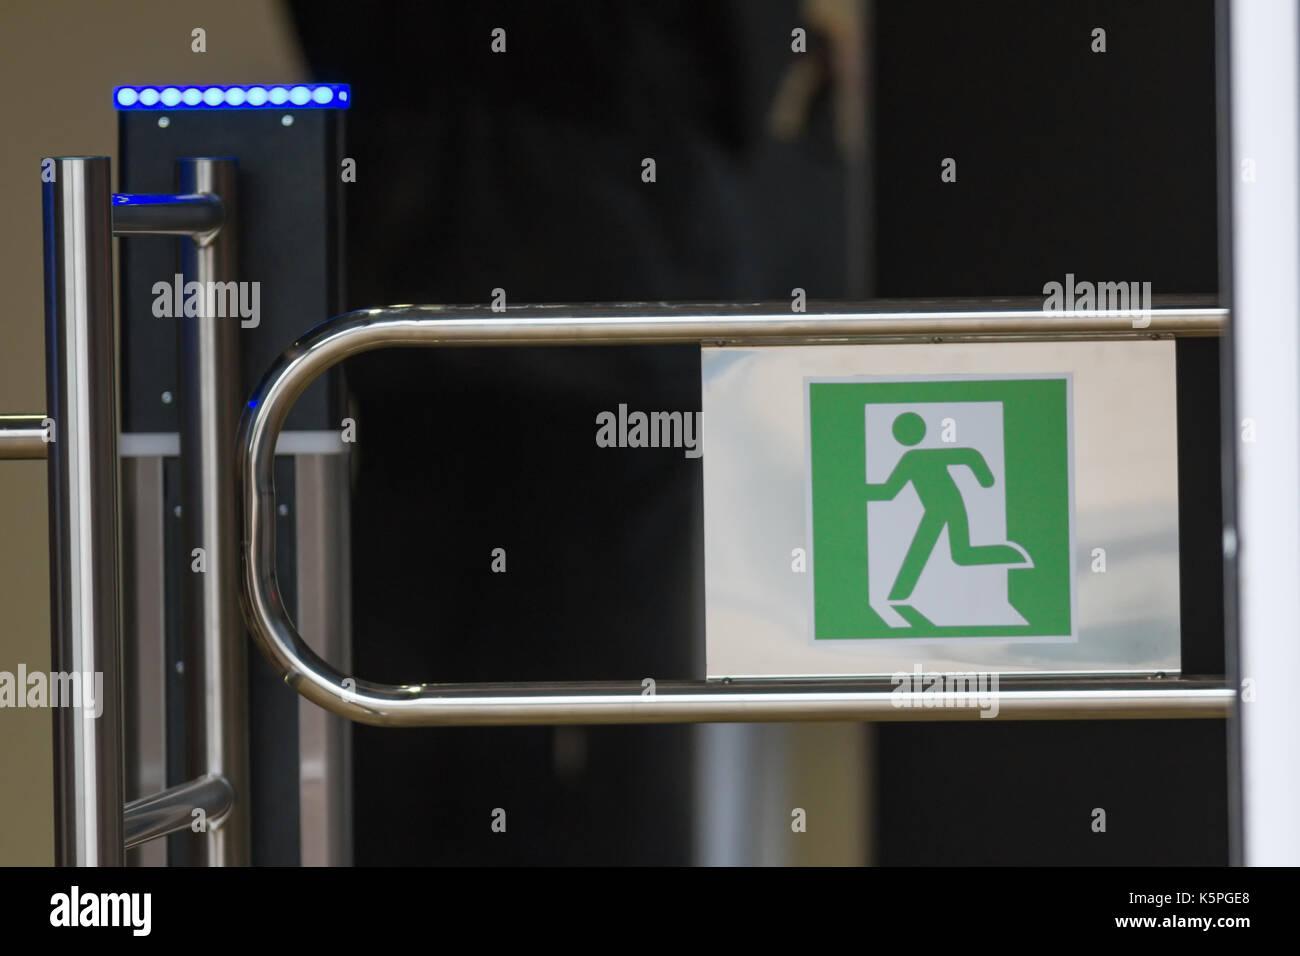 Firmar - salida, salida de emergencia verde en torno Imagen De Stock